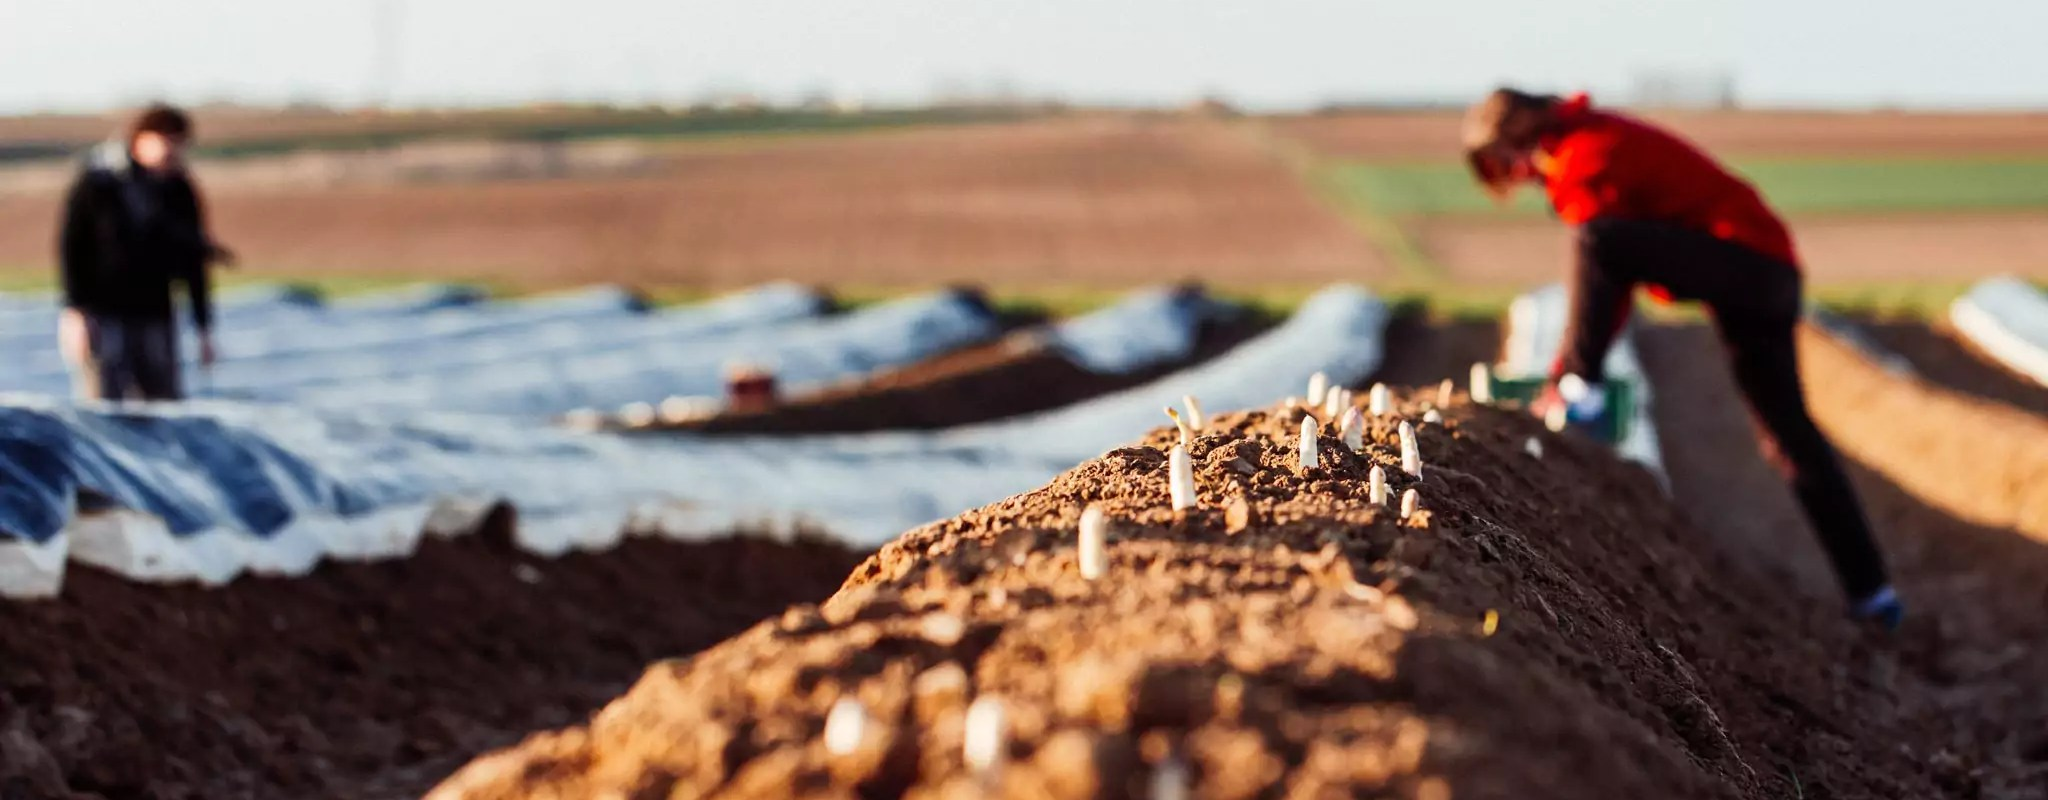 À Pfettisheim, les trois-quarts des asperges seront perdues malgré la main d'œuvre locale